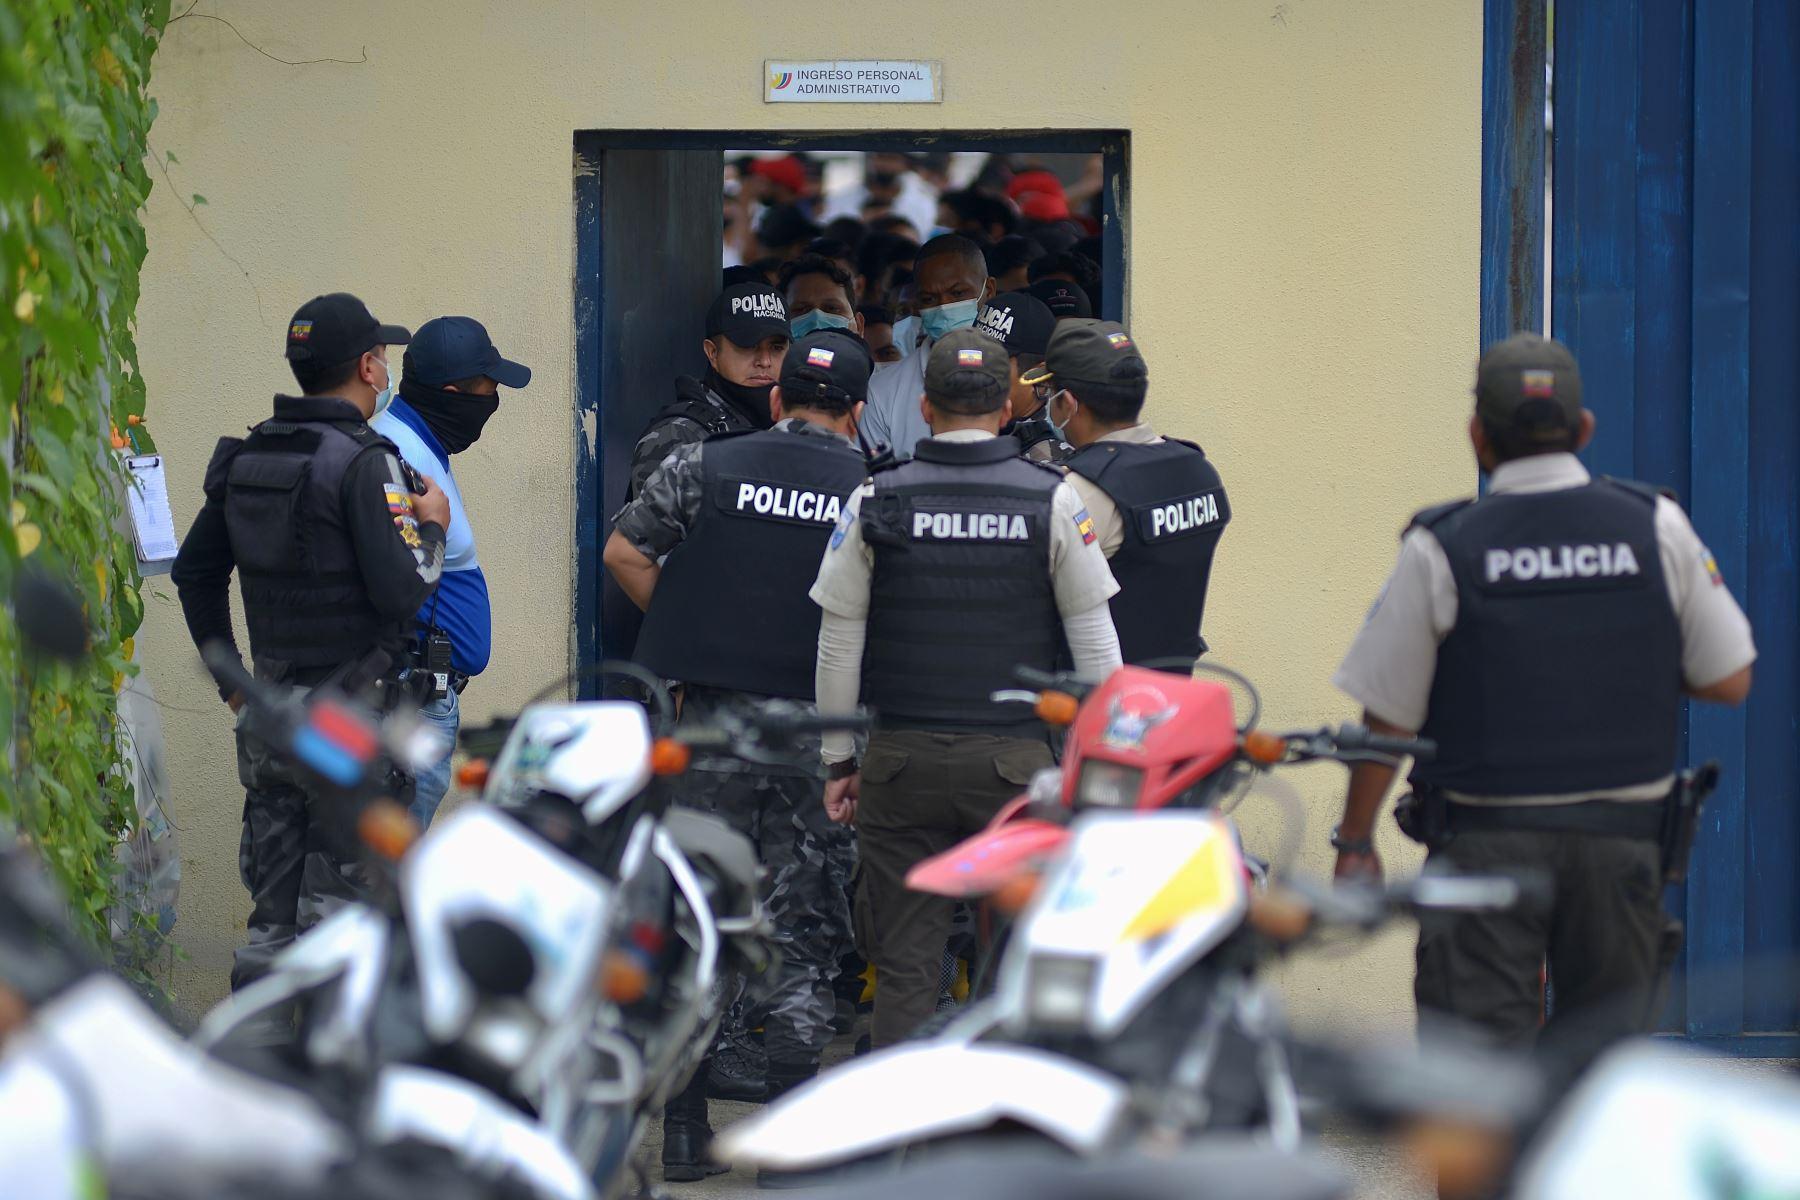 Policías ingresan al Centro de Rehabilitación Social de Guayas durante un amotinamiento, en Guayaquil (Ecuador). Más de 50 reclusos murieronen una serie de amotinamientos ocurridos en tres prisiones de varias ciudades de Ecuador. Foto: EFE